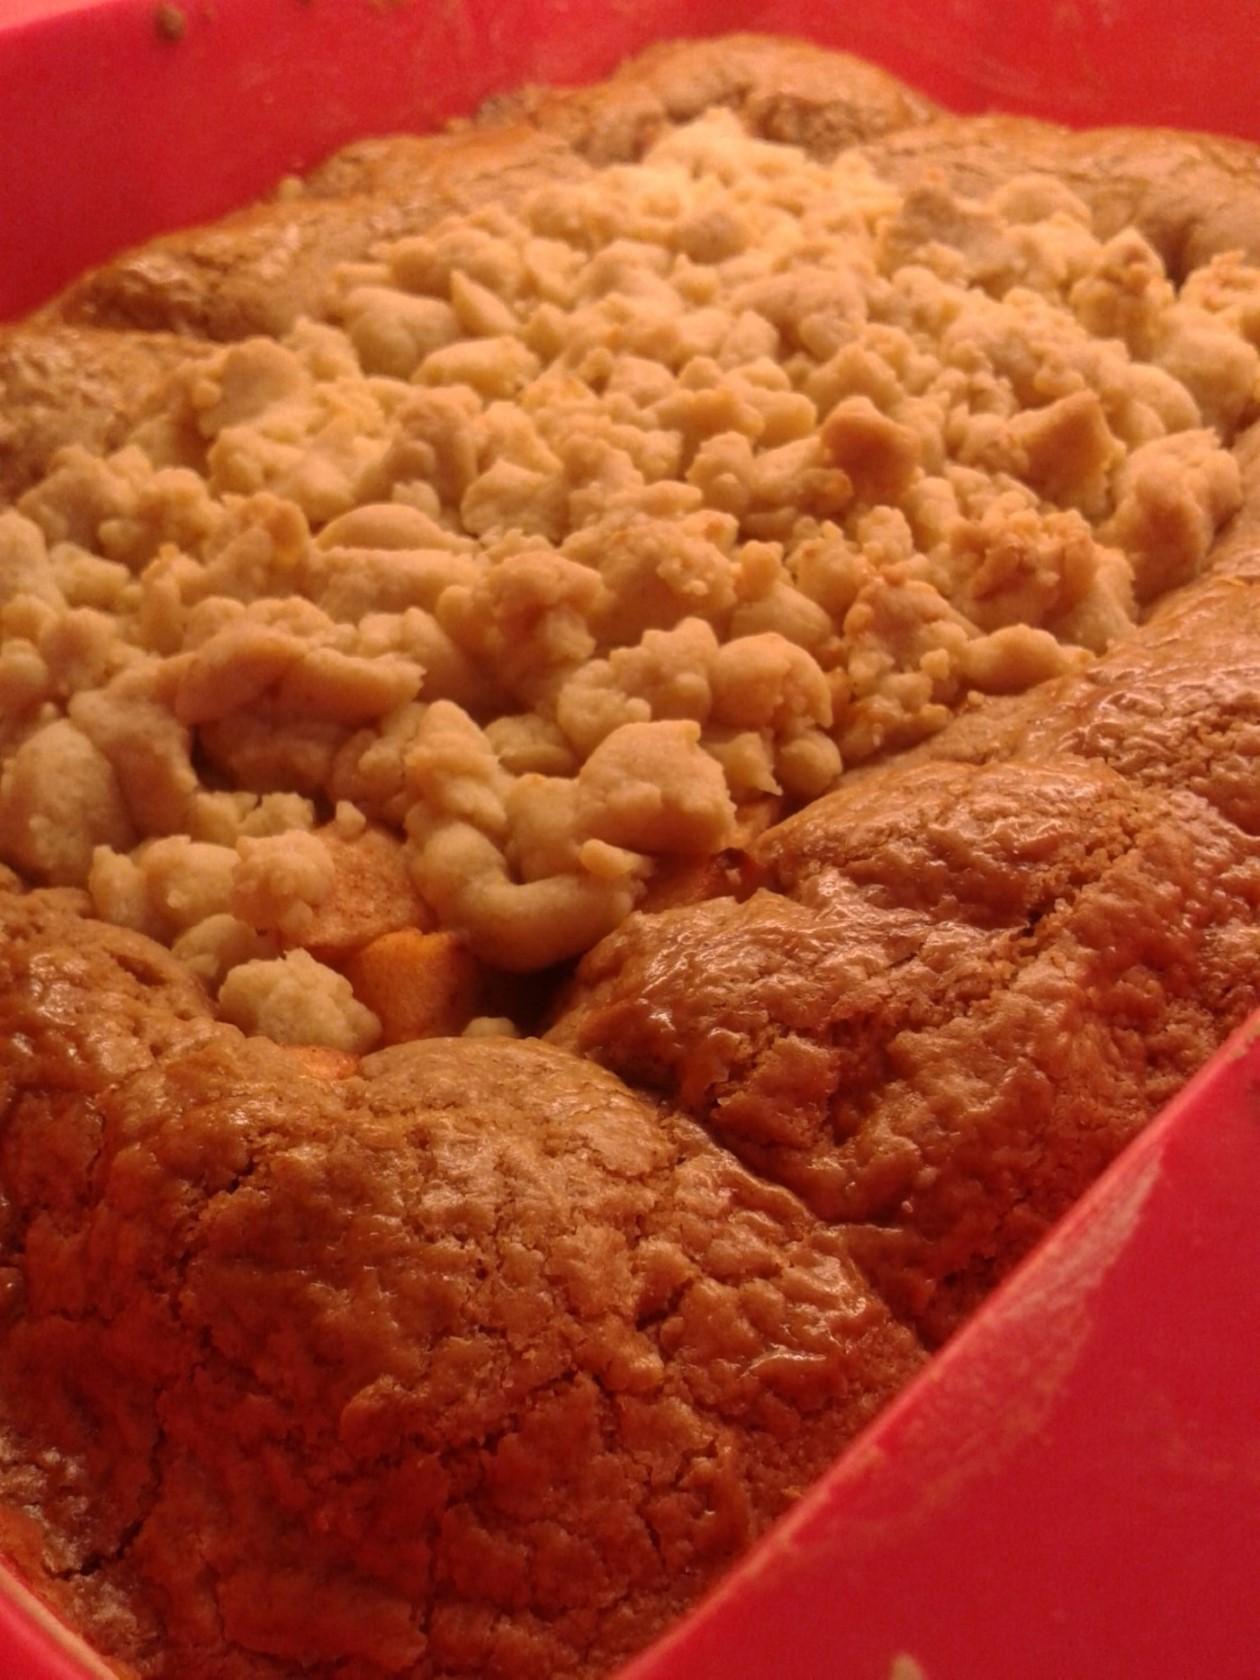 Appeltaart bakken – Appeltaart maken met een keukenmachine